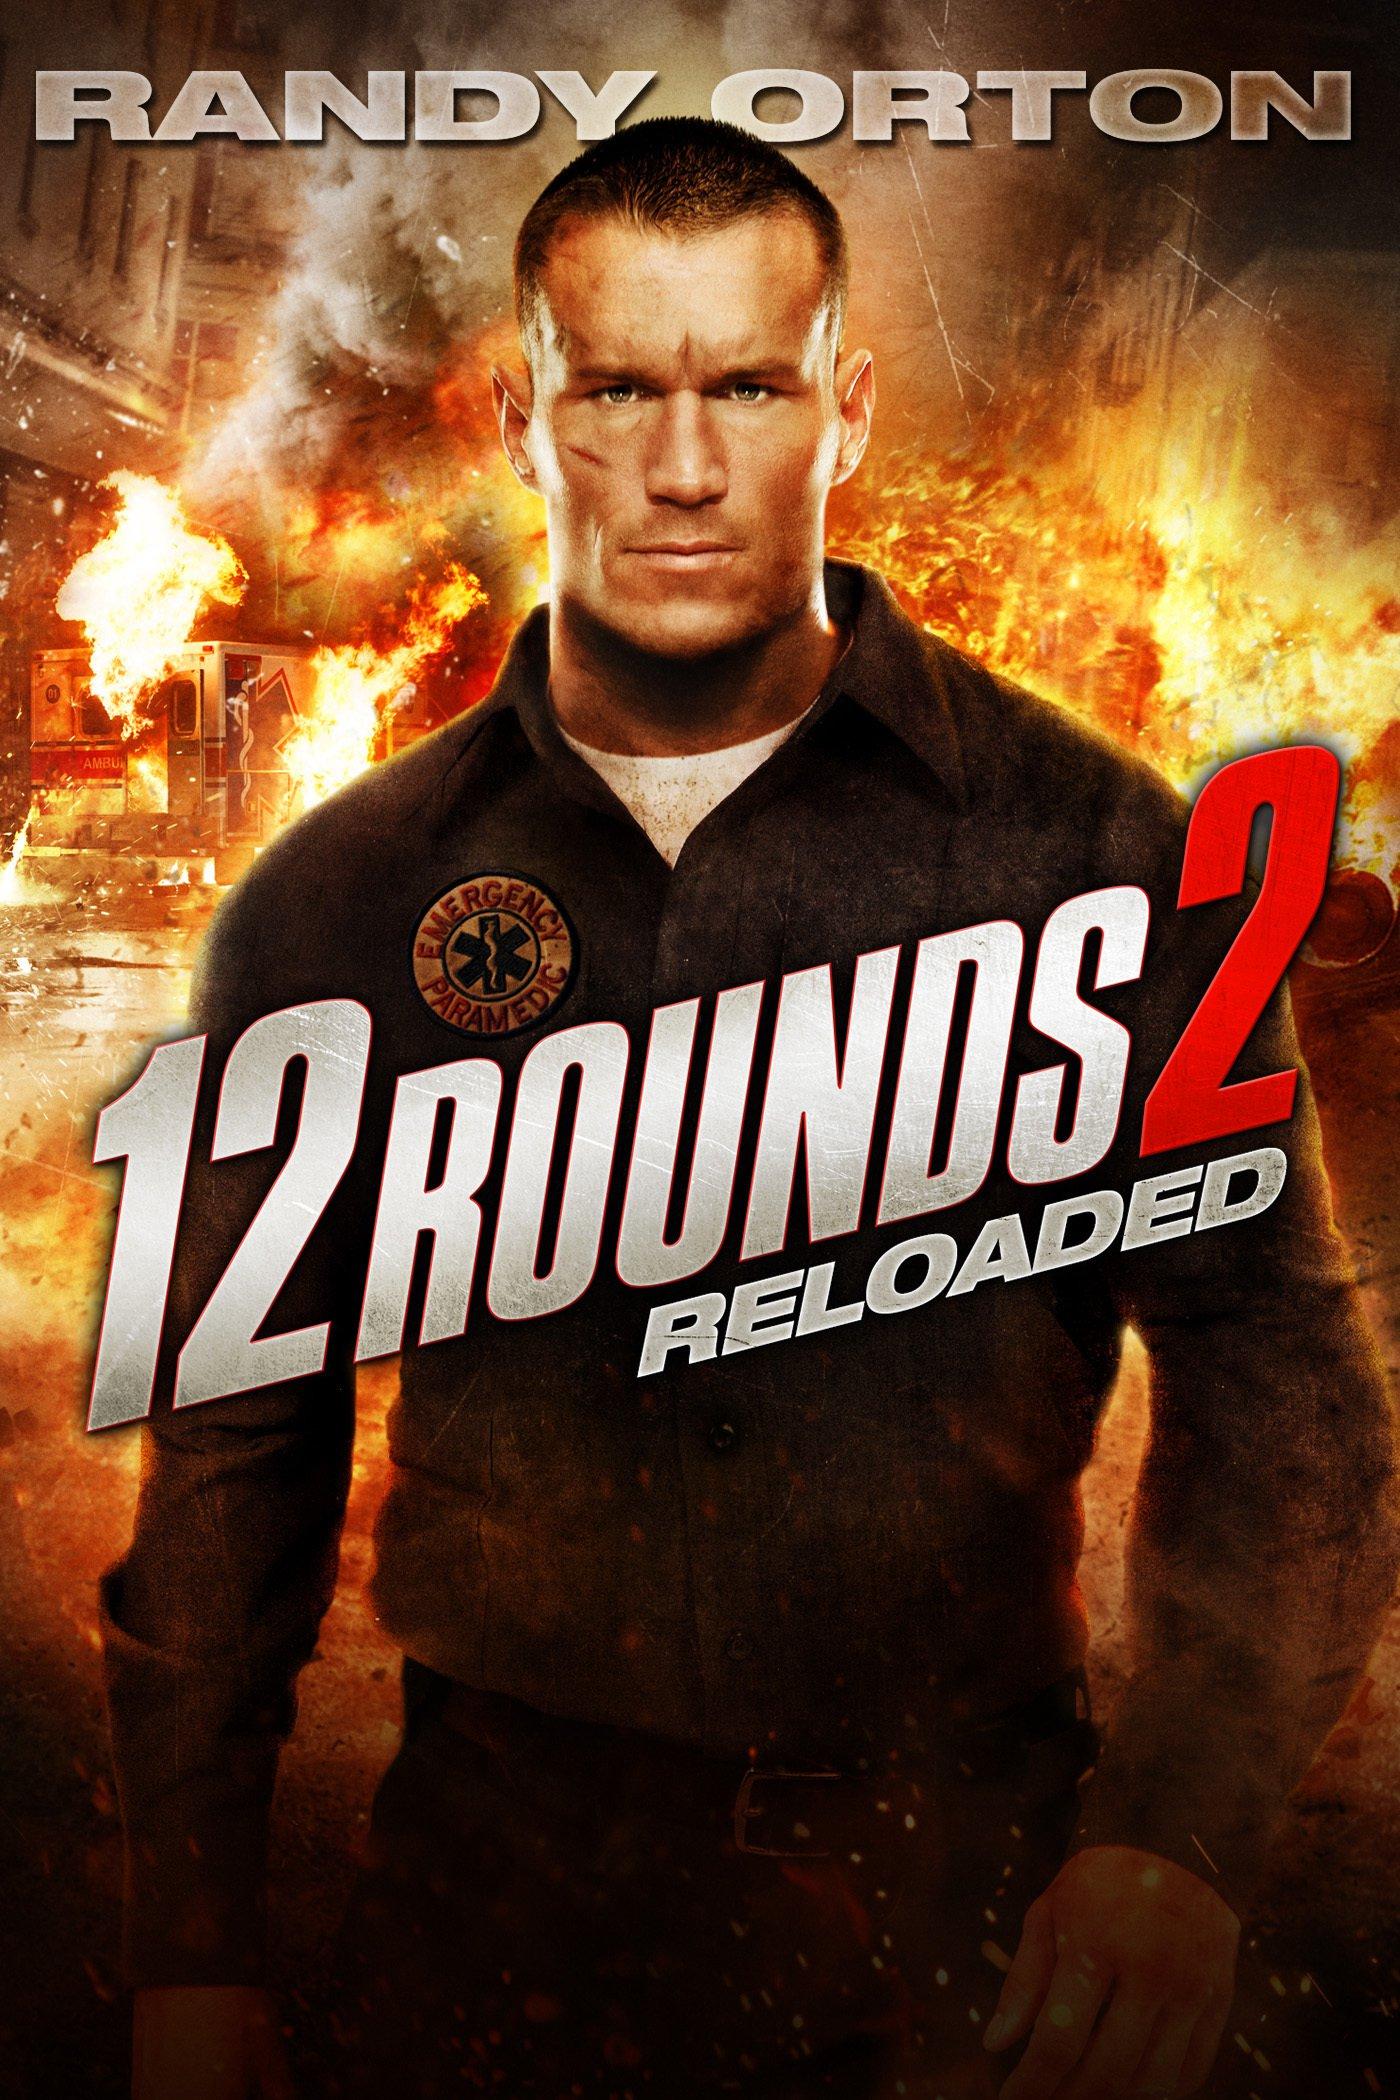 affiche du film 12 Rounds 2: Reloaded